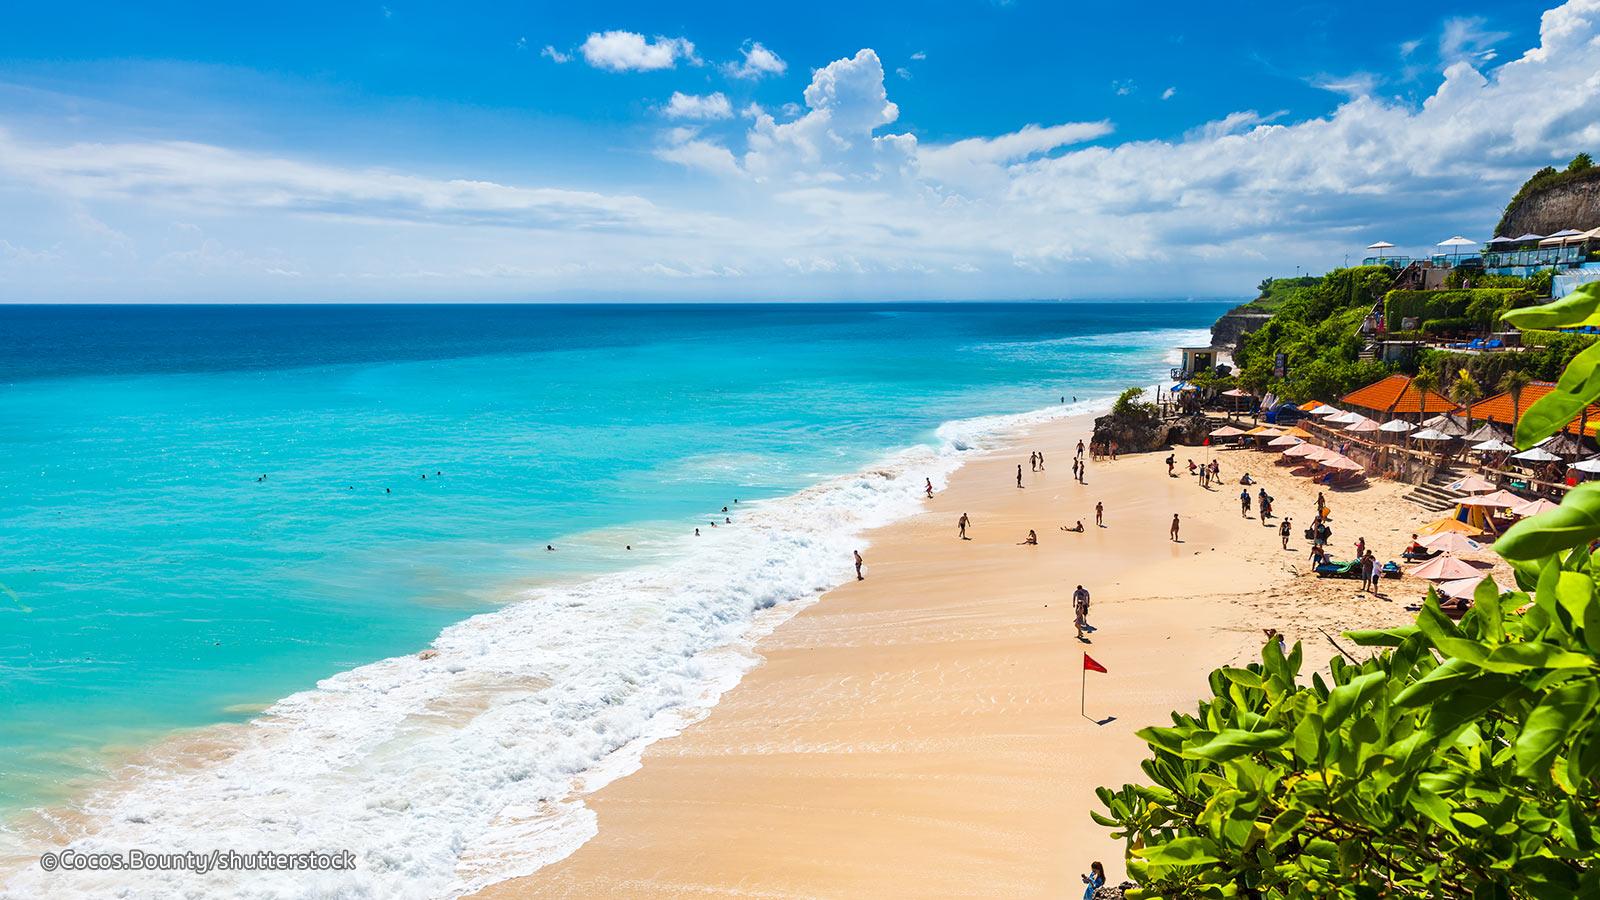 bali-beaches-